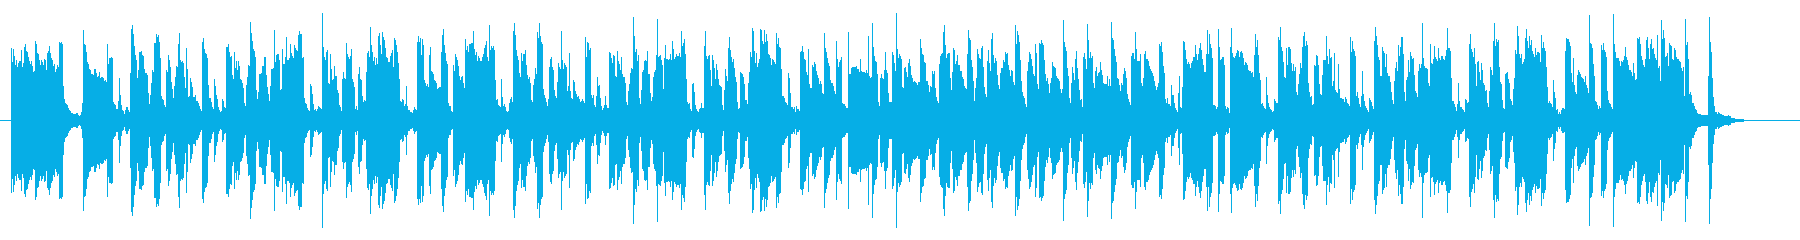 マリンバがほっこりさせる童謡みたいな曲の再生済みの波形